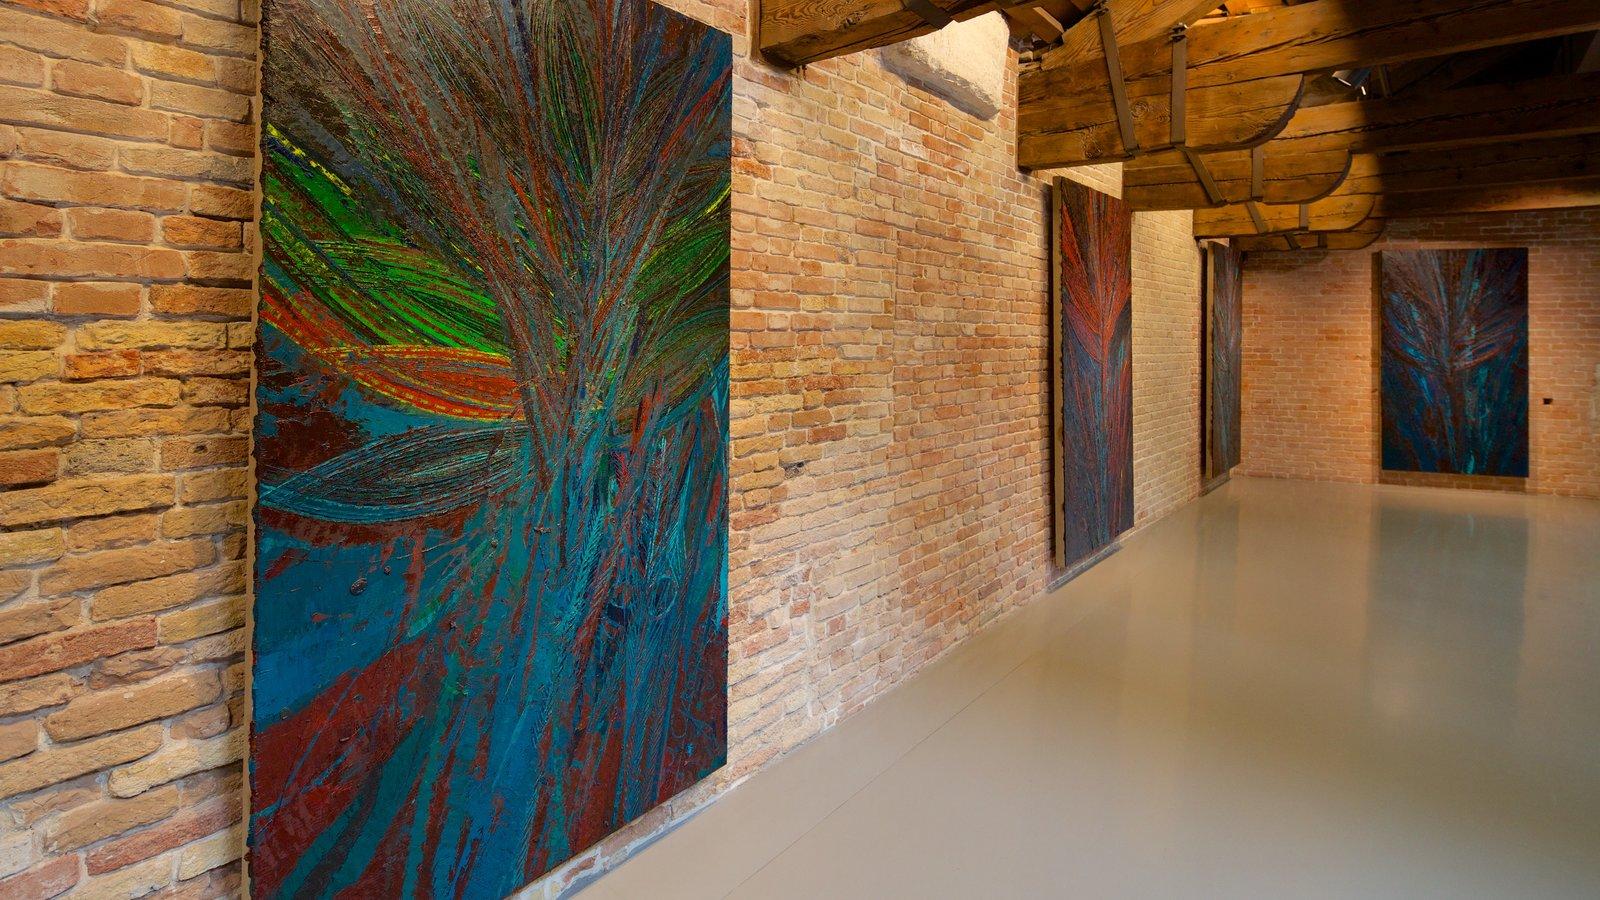 Punta della Dogana que inclui arte e vistas internas